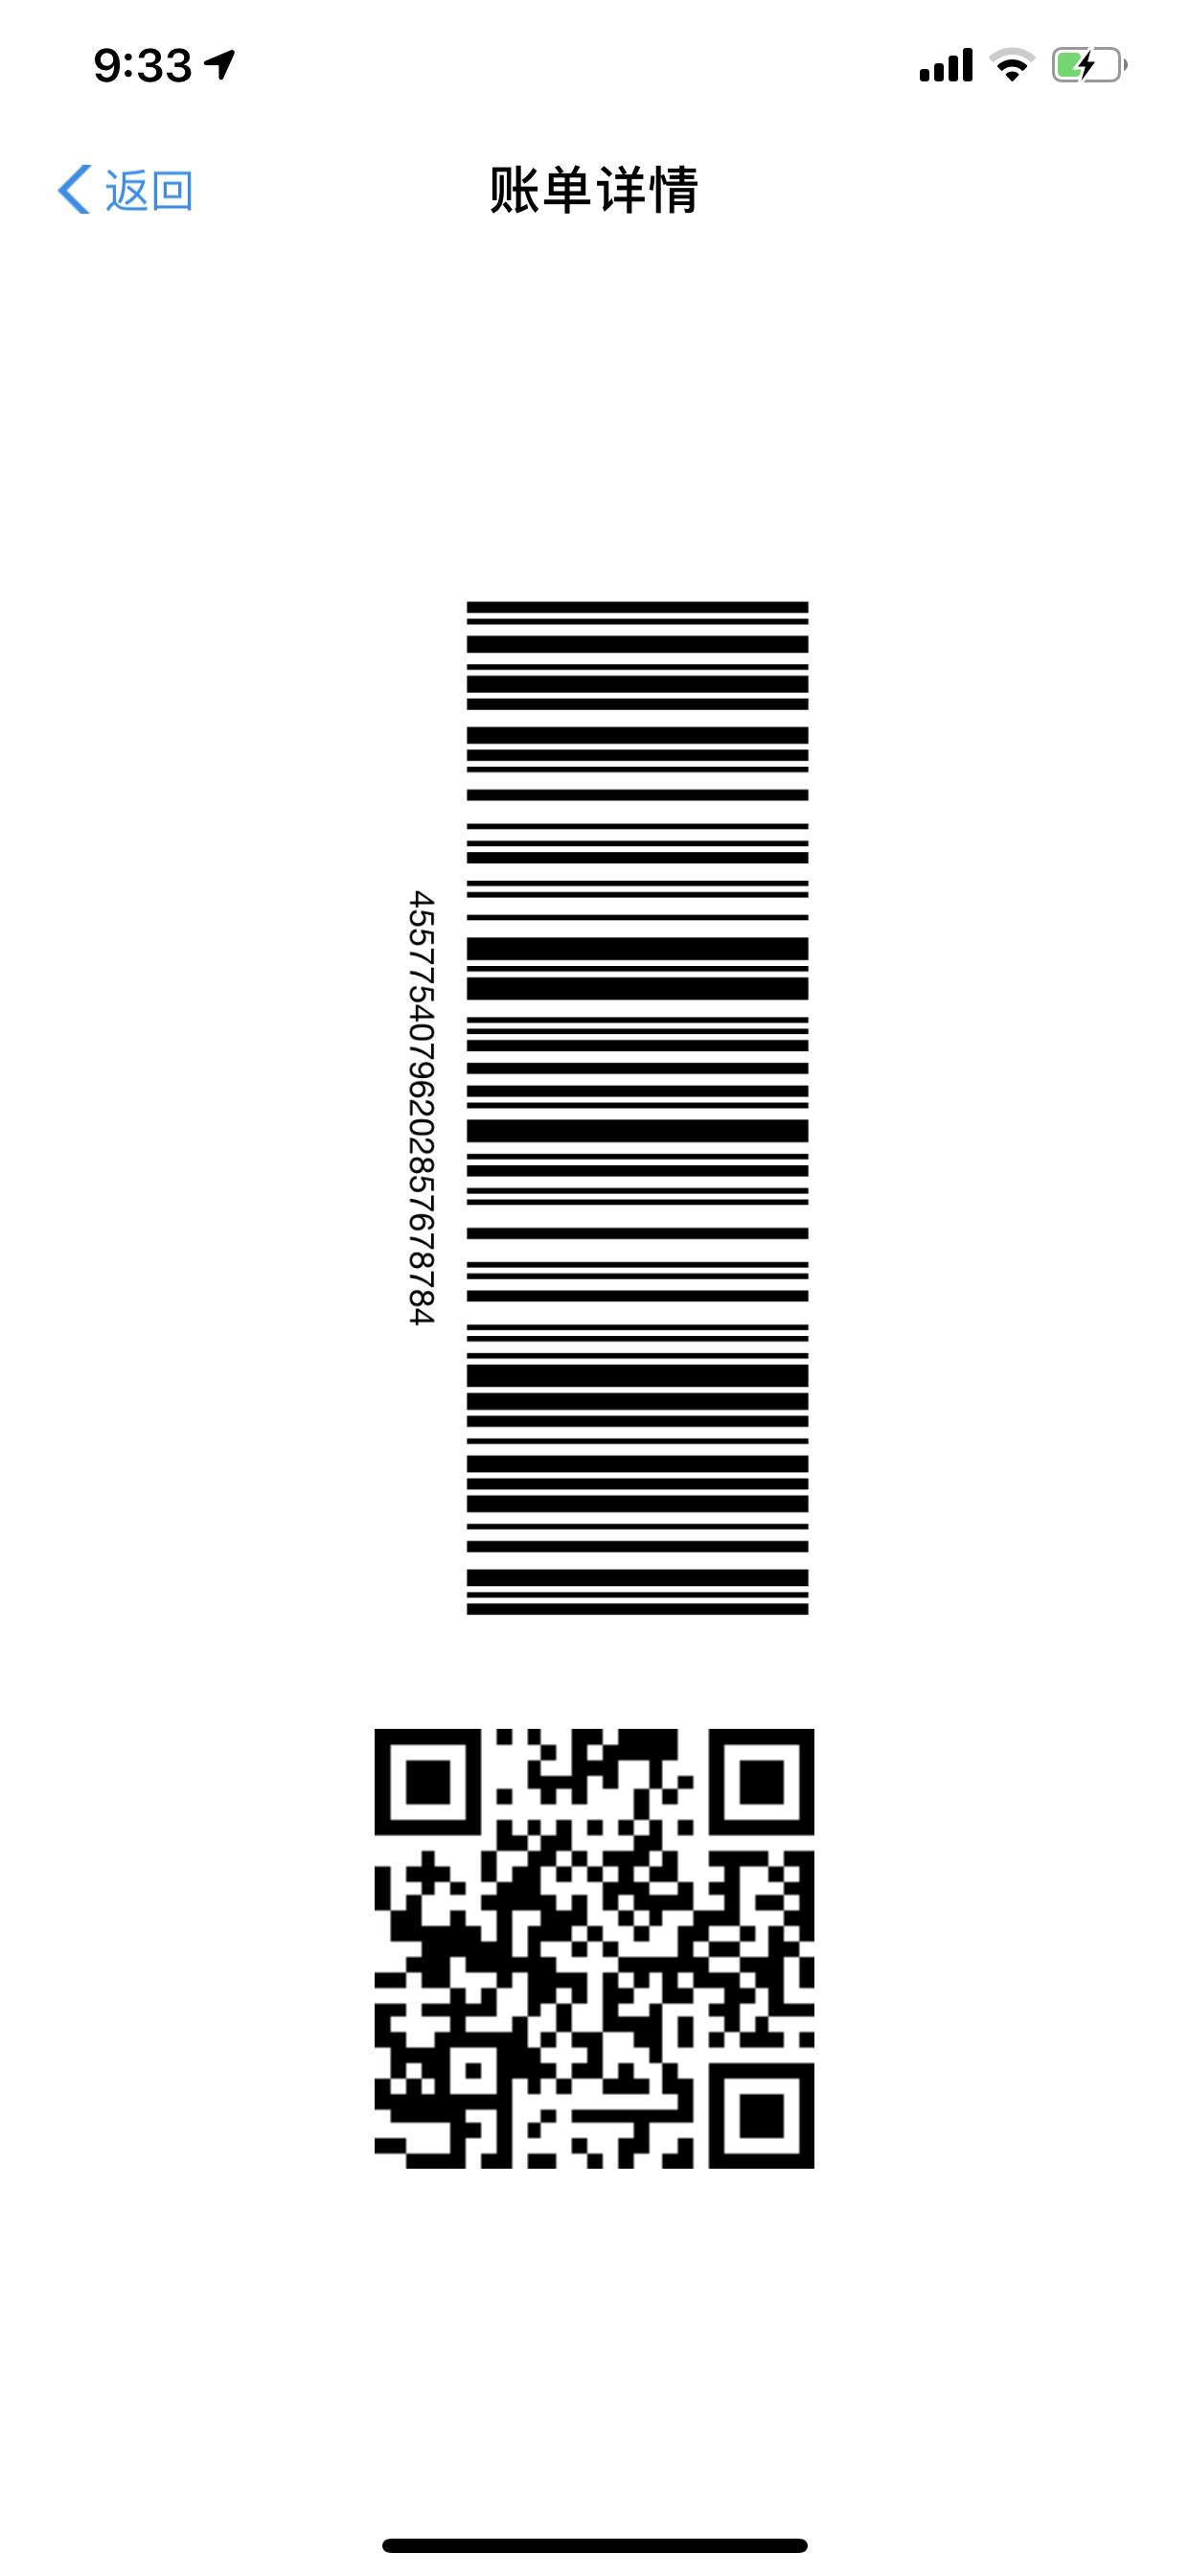 BFB176E3-97A3-4544-823B-8FB38C9778B4.png